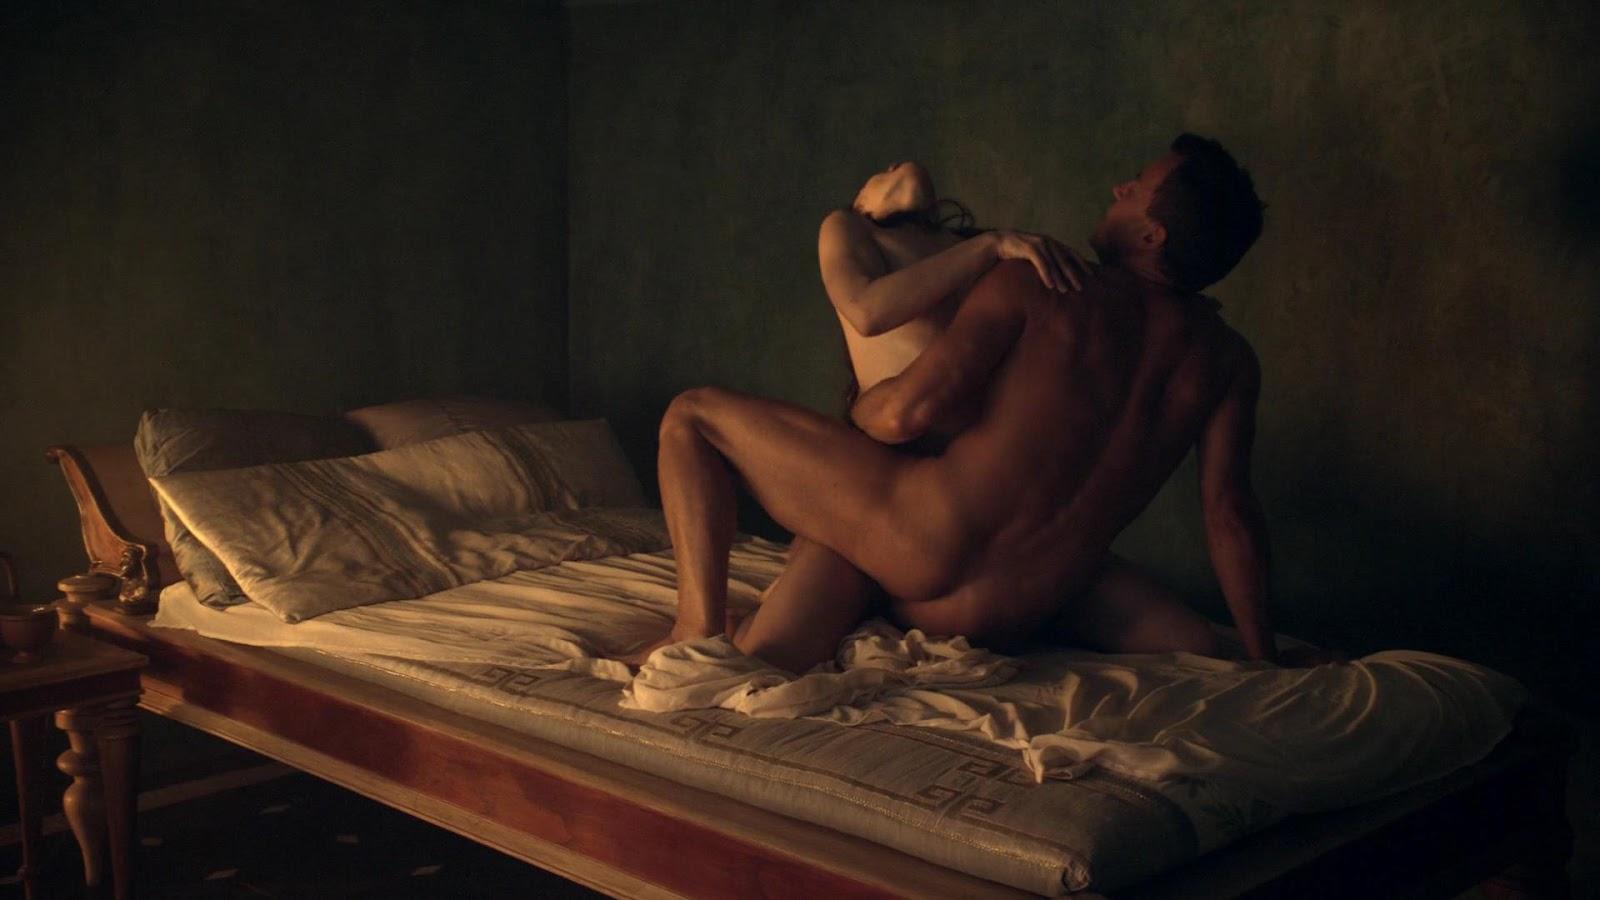 sex-scene-movie-video-porno-caballos-con-mujeres